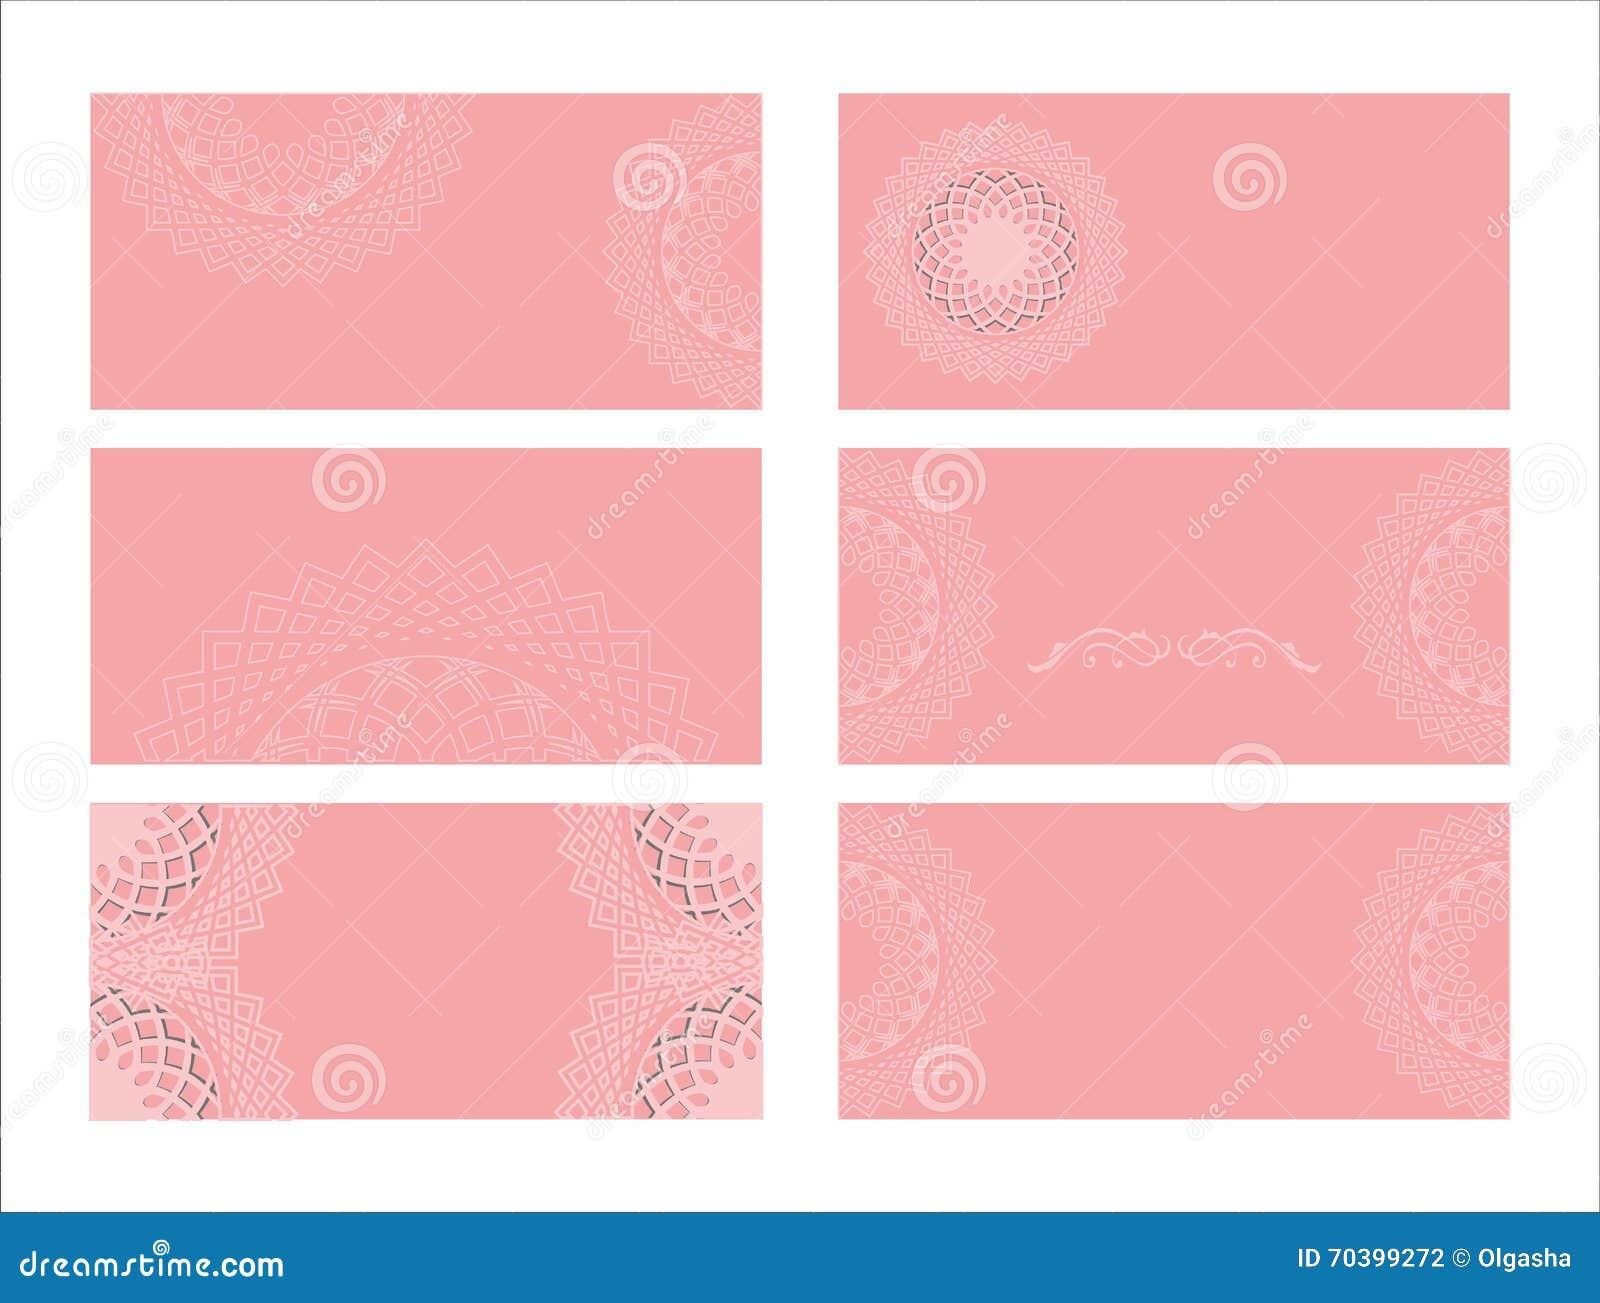 download gutschein muster vektor abbildung illustration von eleganz 70399272 - Gutschein Muster